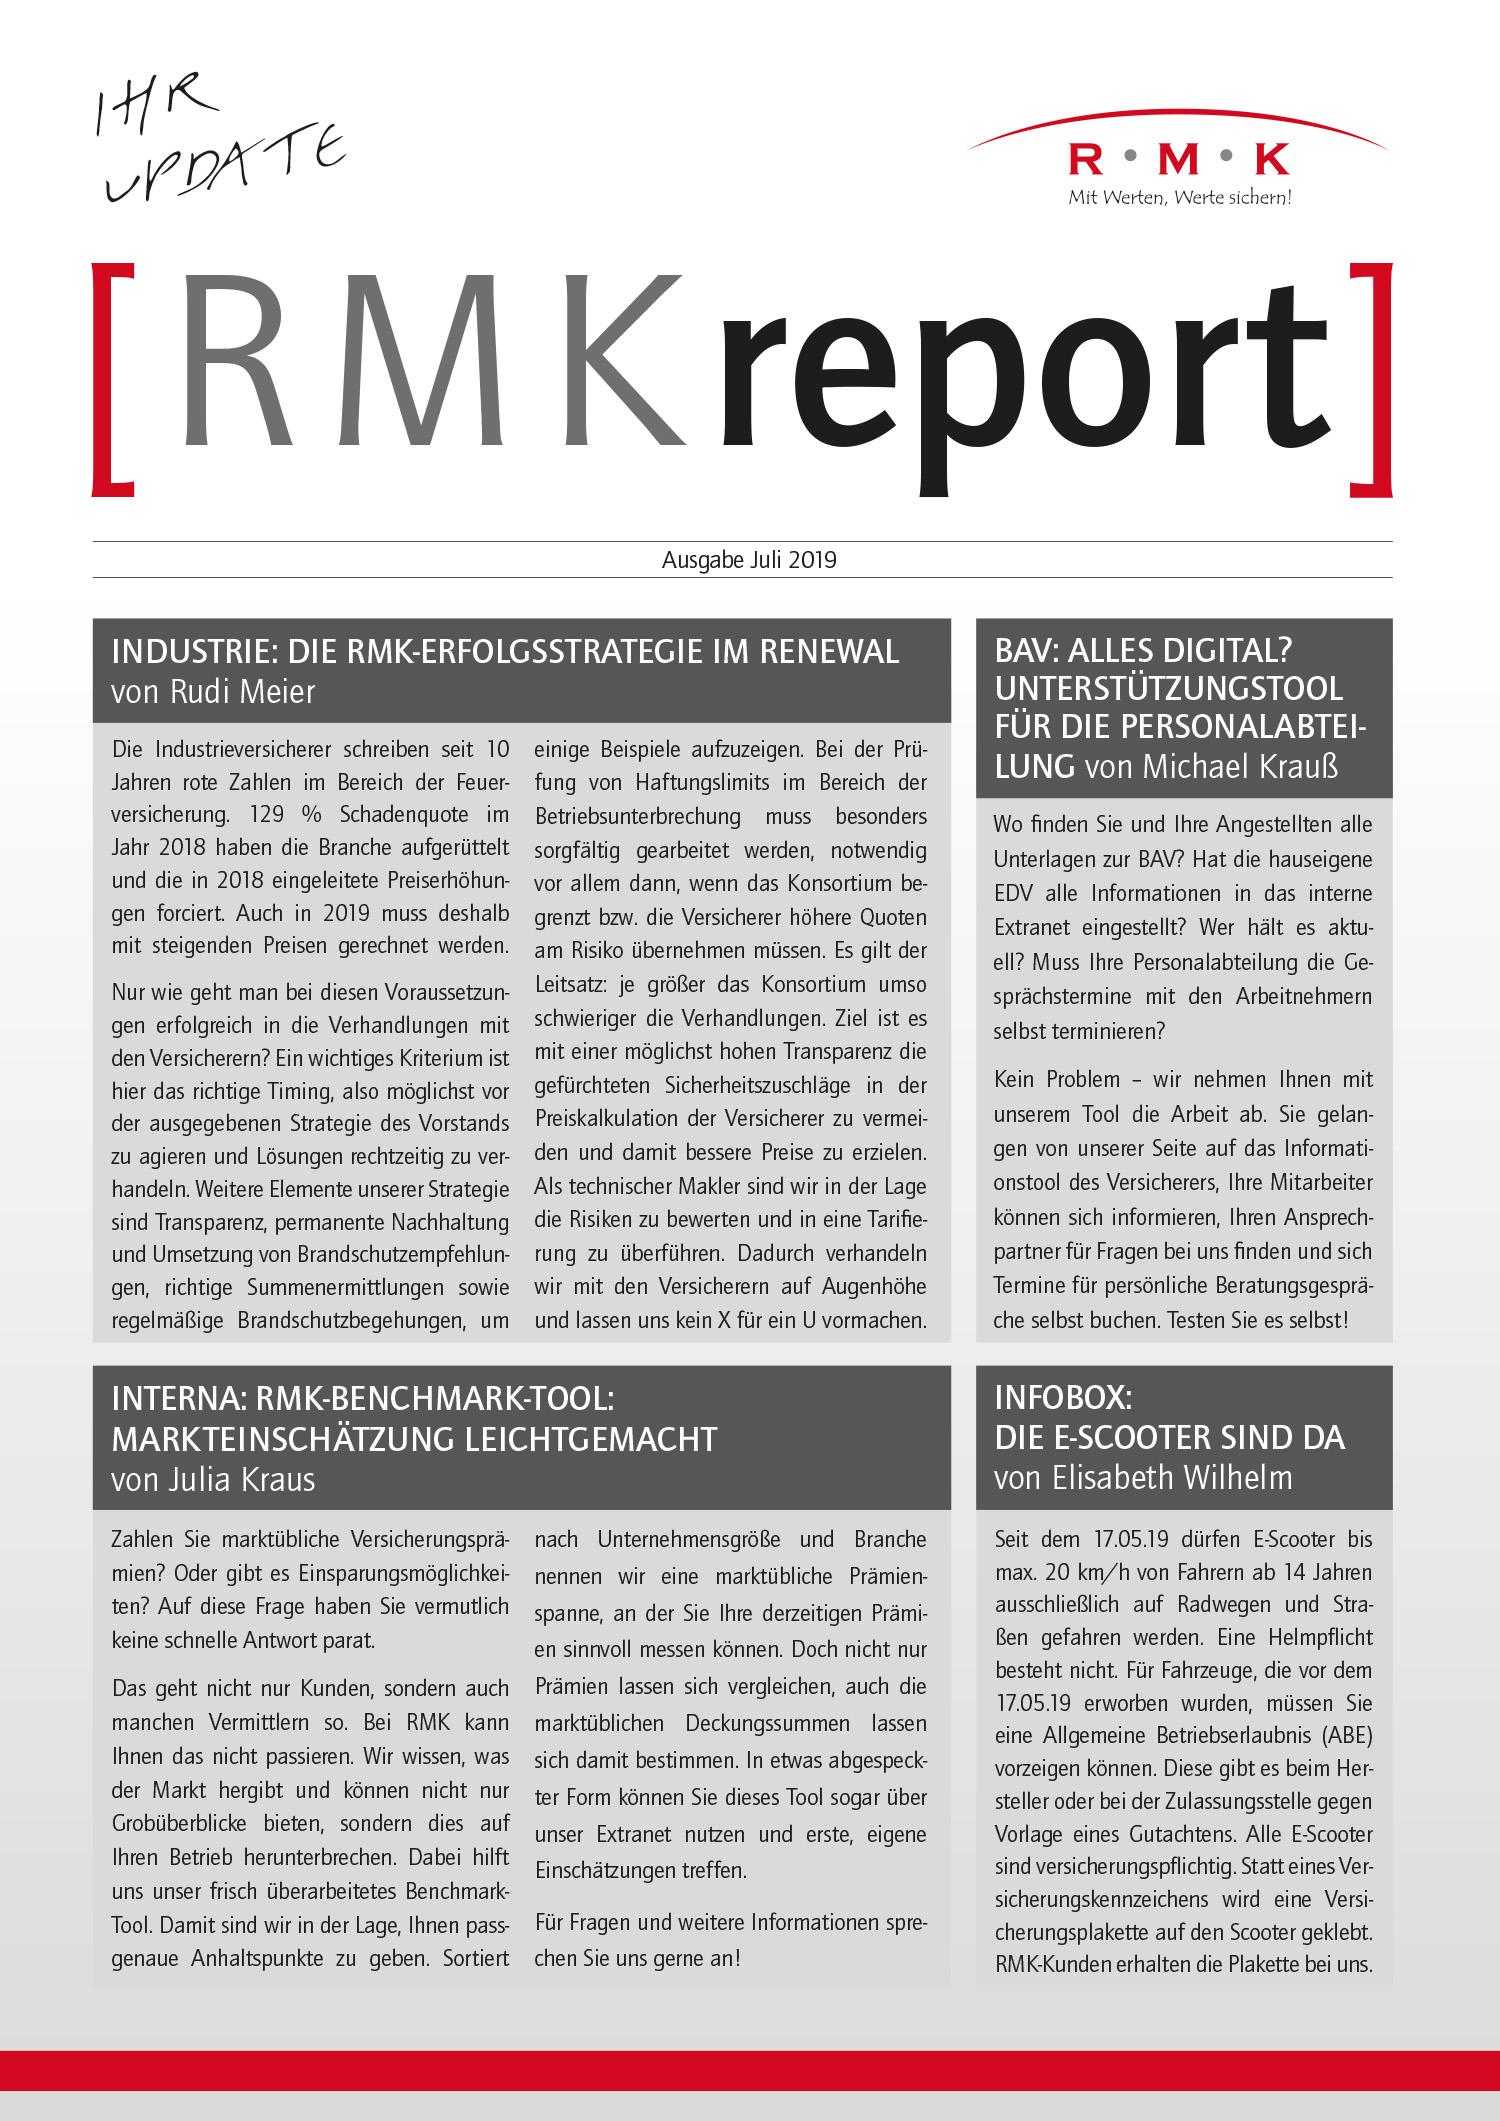 RMK-Report Juli 2019